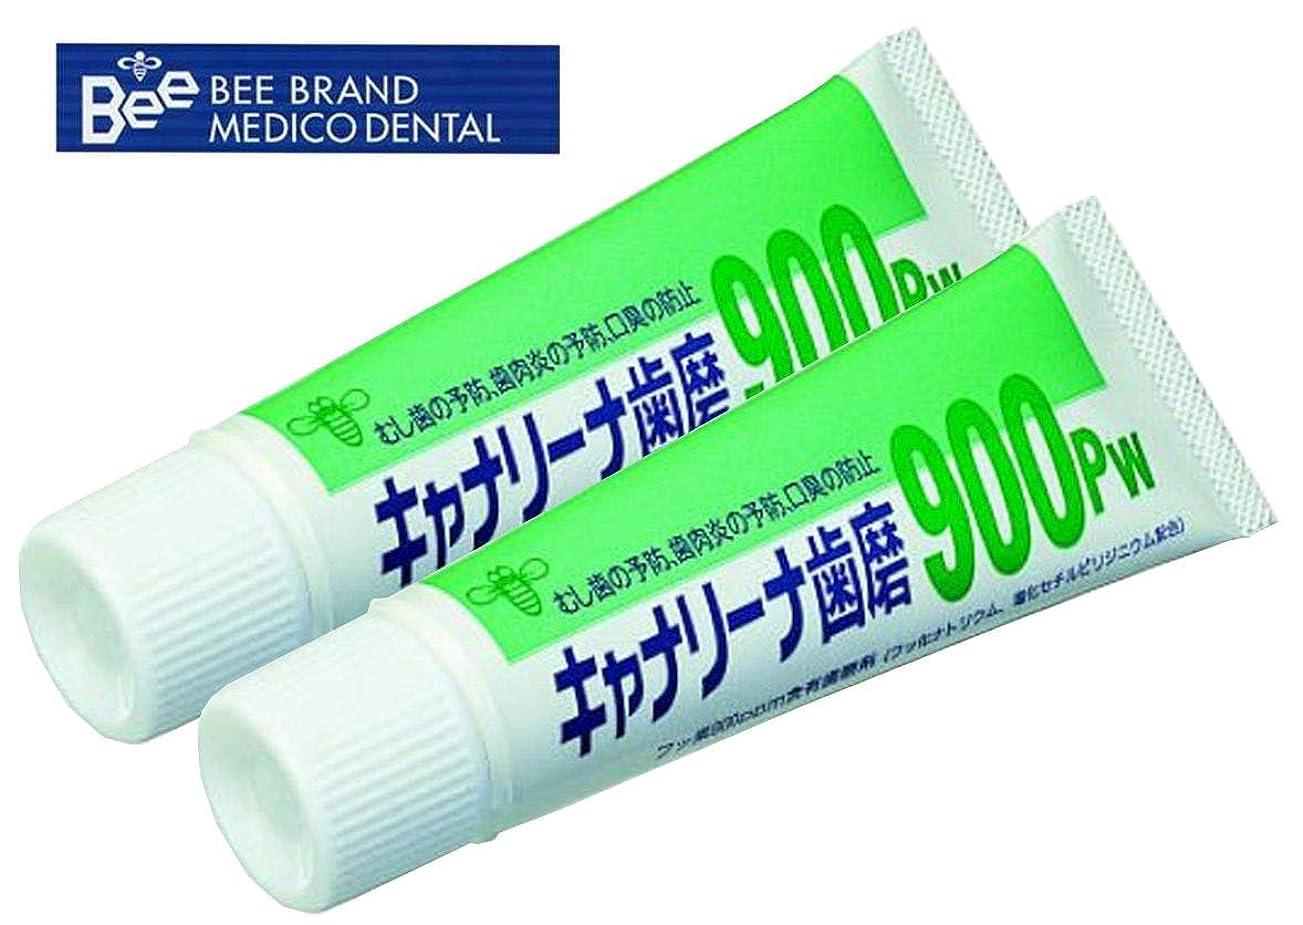 絡み合い窓グリーンバックビーブランド(BeeBrand) キャナリーナ 歯磨 900Pw × 2本セット 医薬部外品